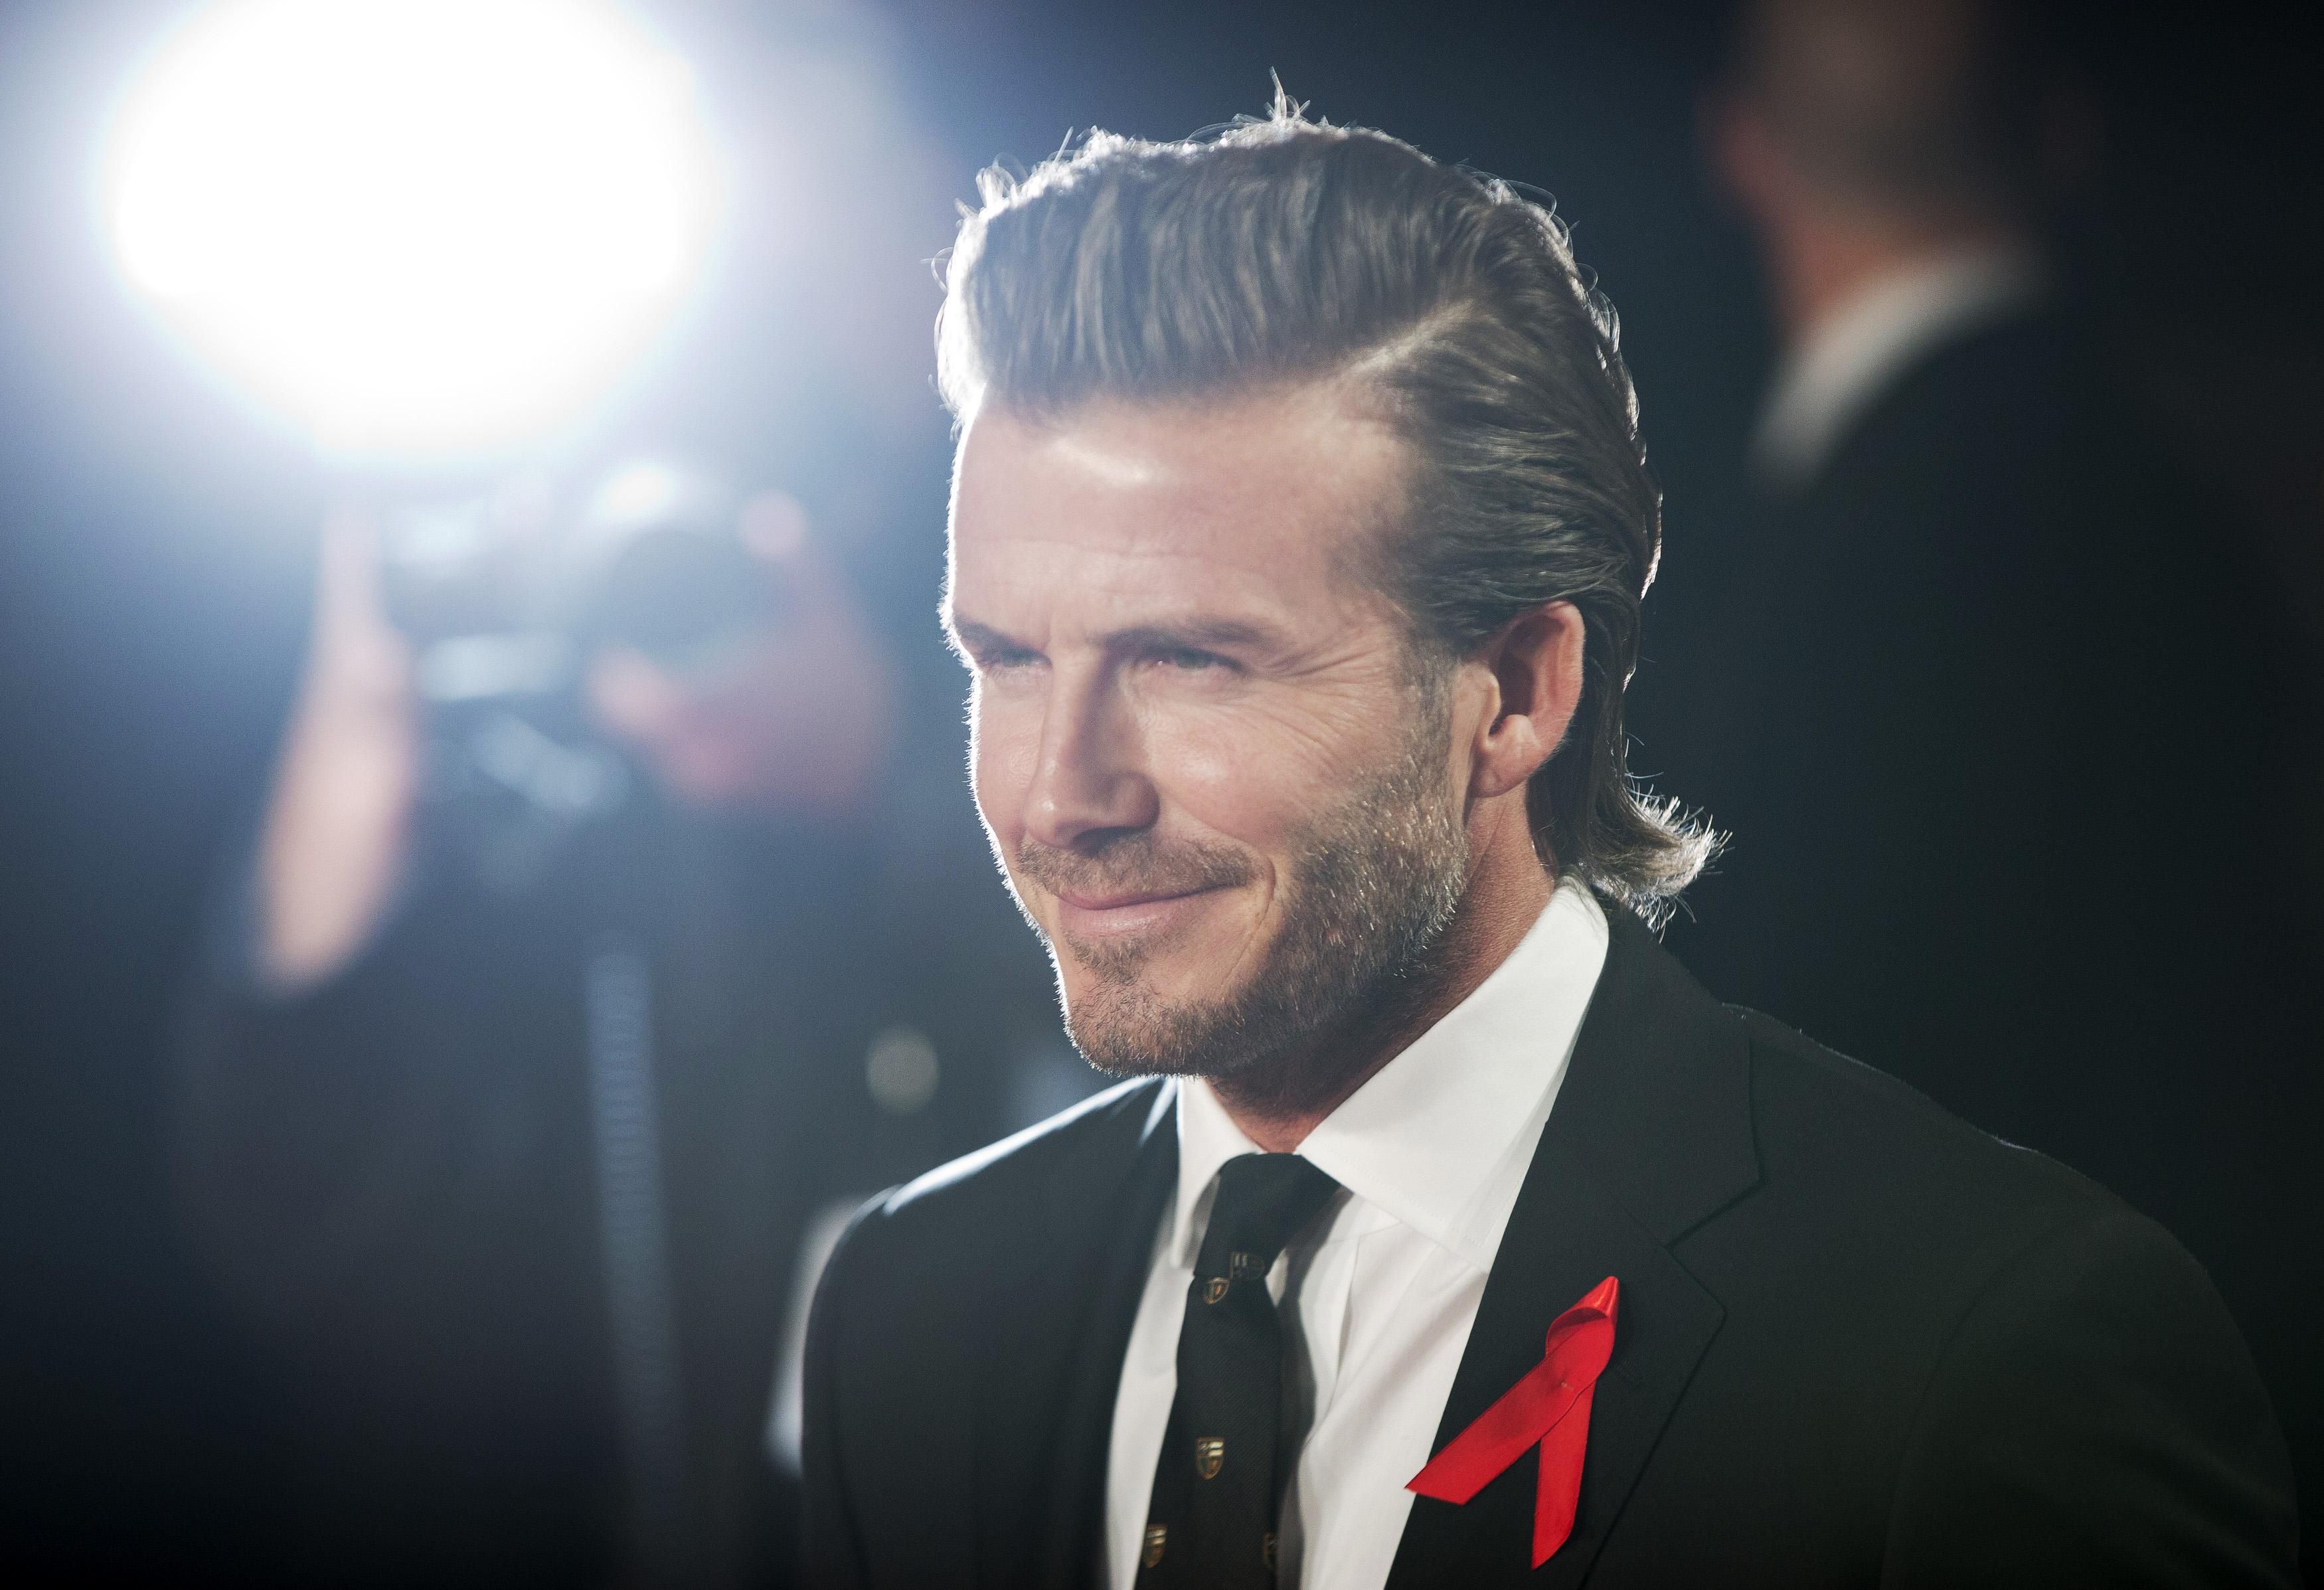 Módní ikona David Beckham: bývalý fotbalista je tváří módních značek a zakladatel úspěšné kosmetické řady # Thumbnail